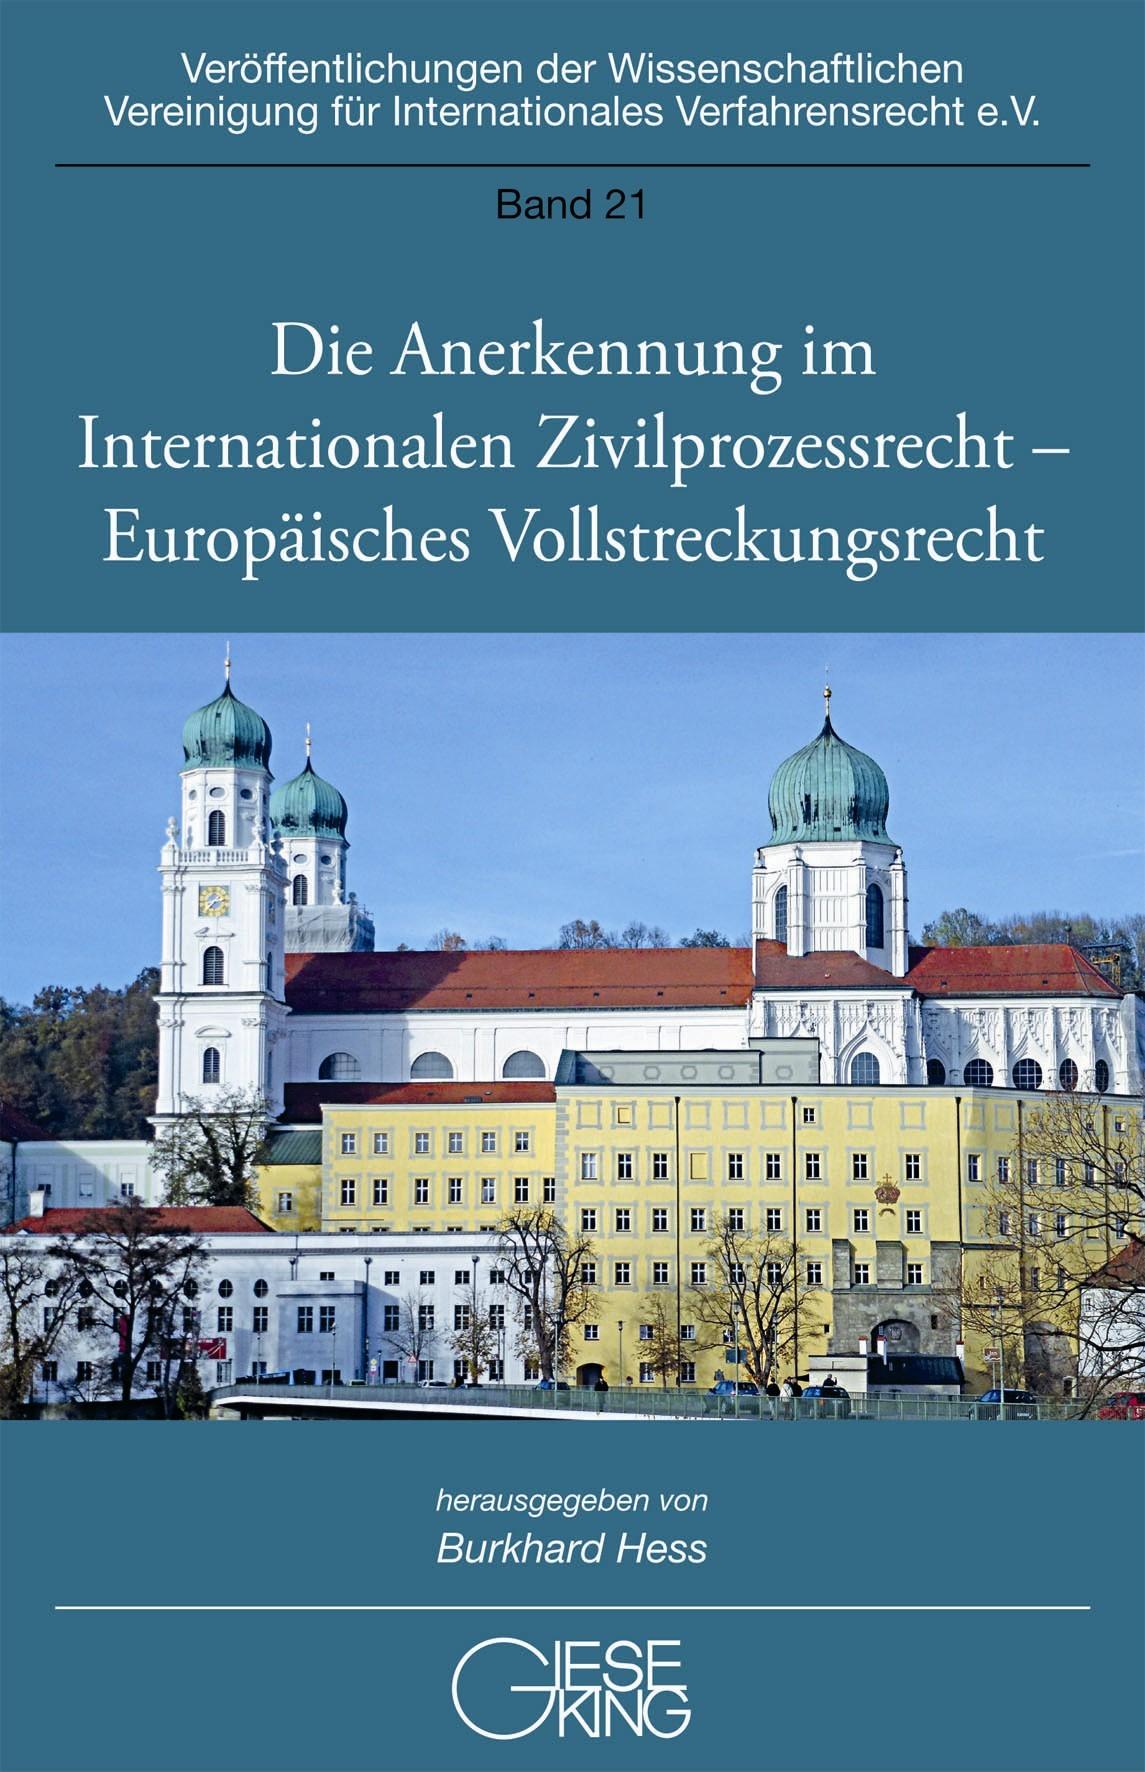 Abbildung von Hess (Hrsg.)   Die Anerkennung im Internationalen Zivilprozessrecht – Europäisches Vollstreckungsrecht   2014